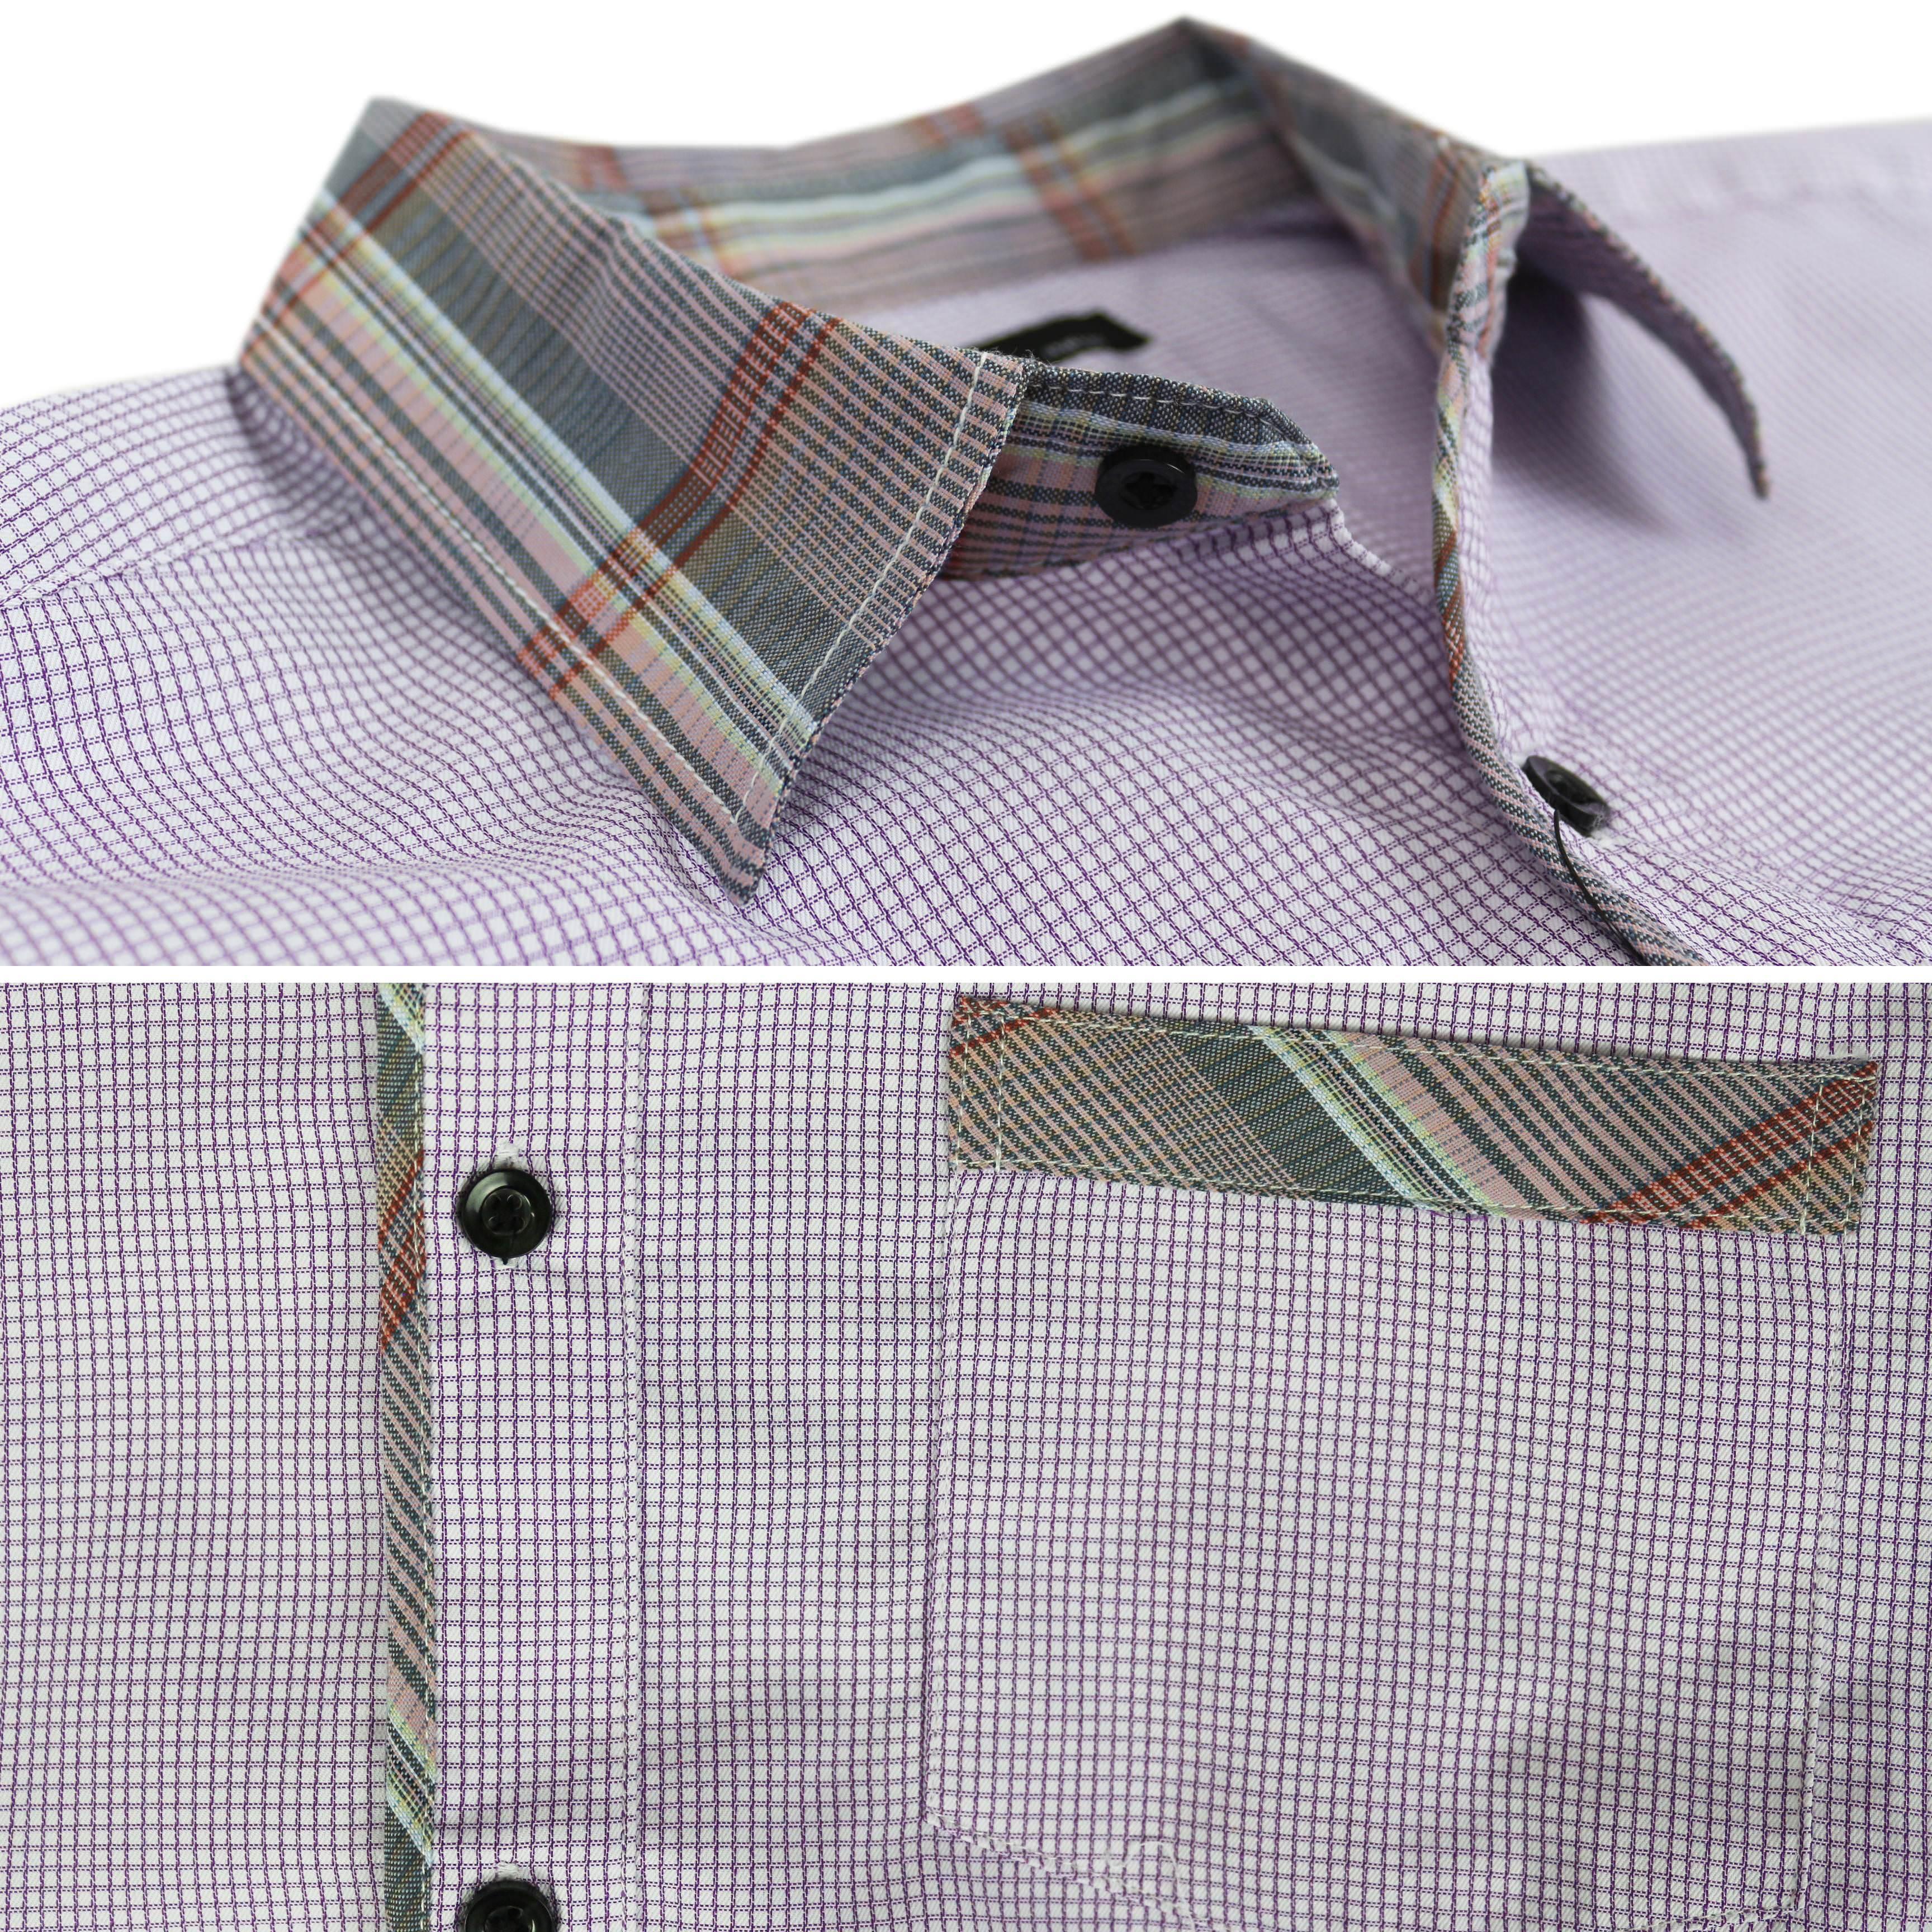 thumbnail 32 - LW-Men-039-s-Western-Button-Up-Long-Sleeve-Designer-Dress-Shirt